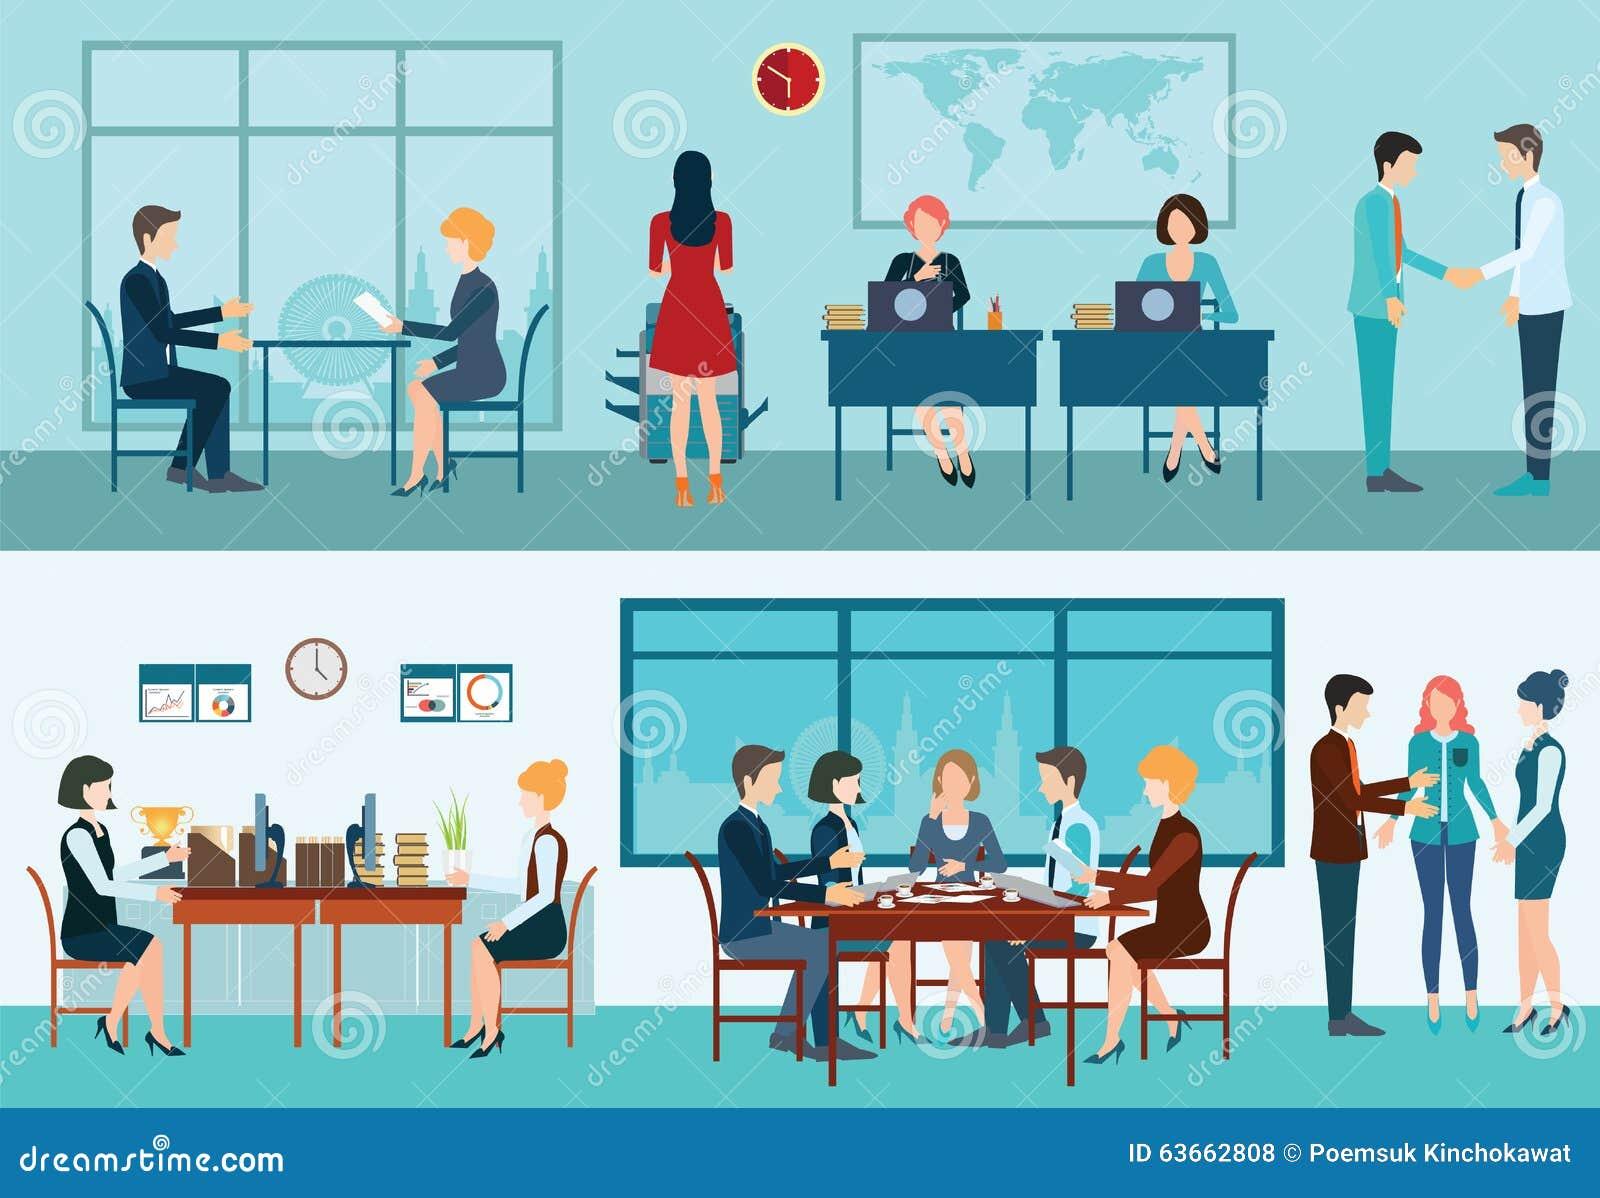 Teamwork Planner Standard 2.0.1.1 office business